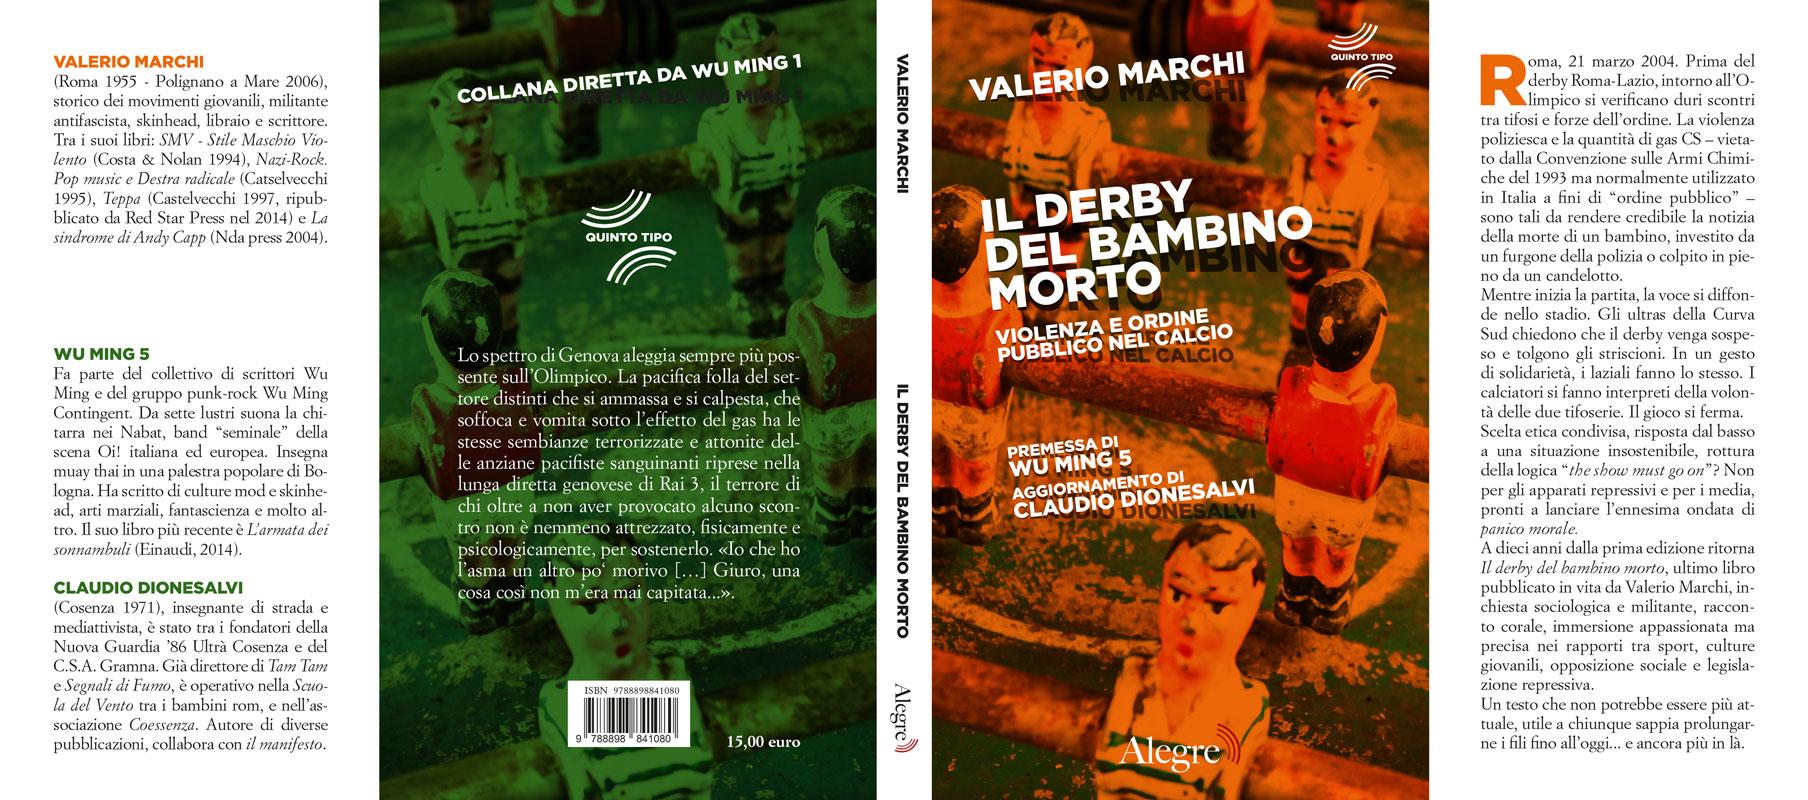 Valerio Marchi, Il derby del bambino morto, stesa